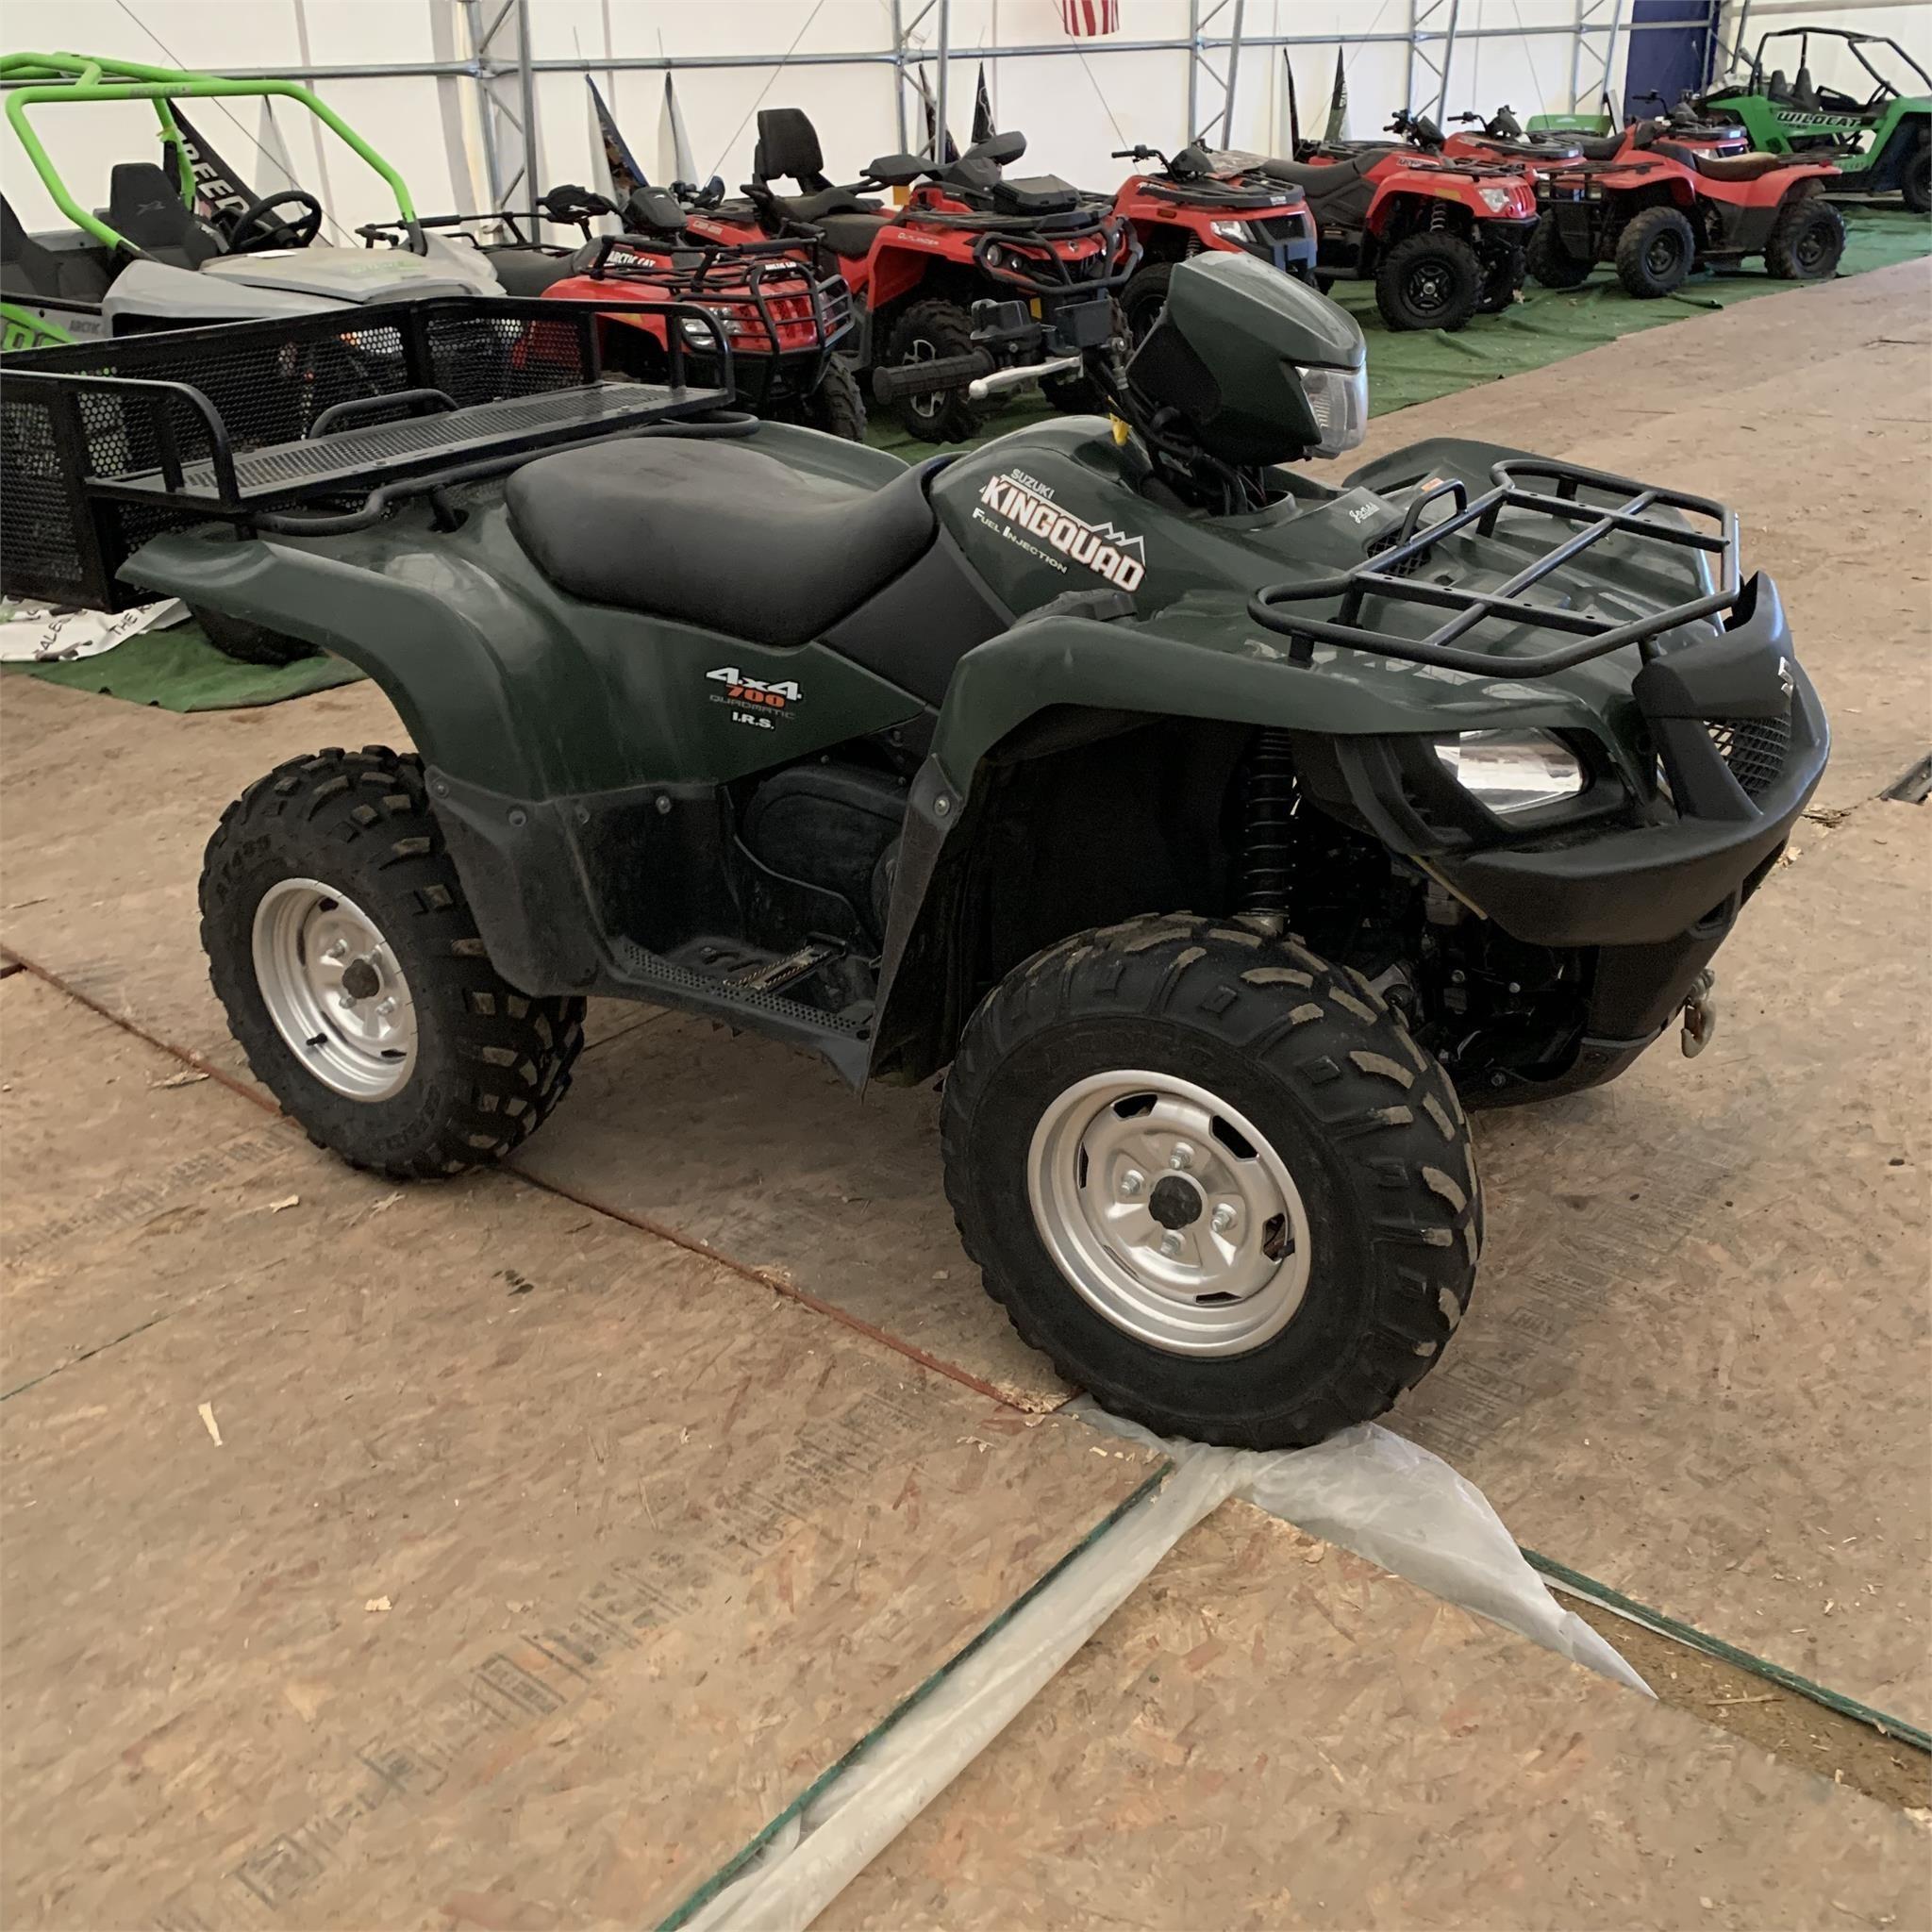 2005 Suzuki KingQuad 700 ATVs and Utility Vehicle